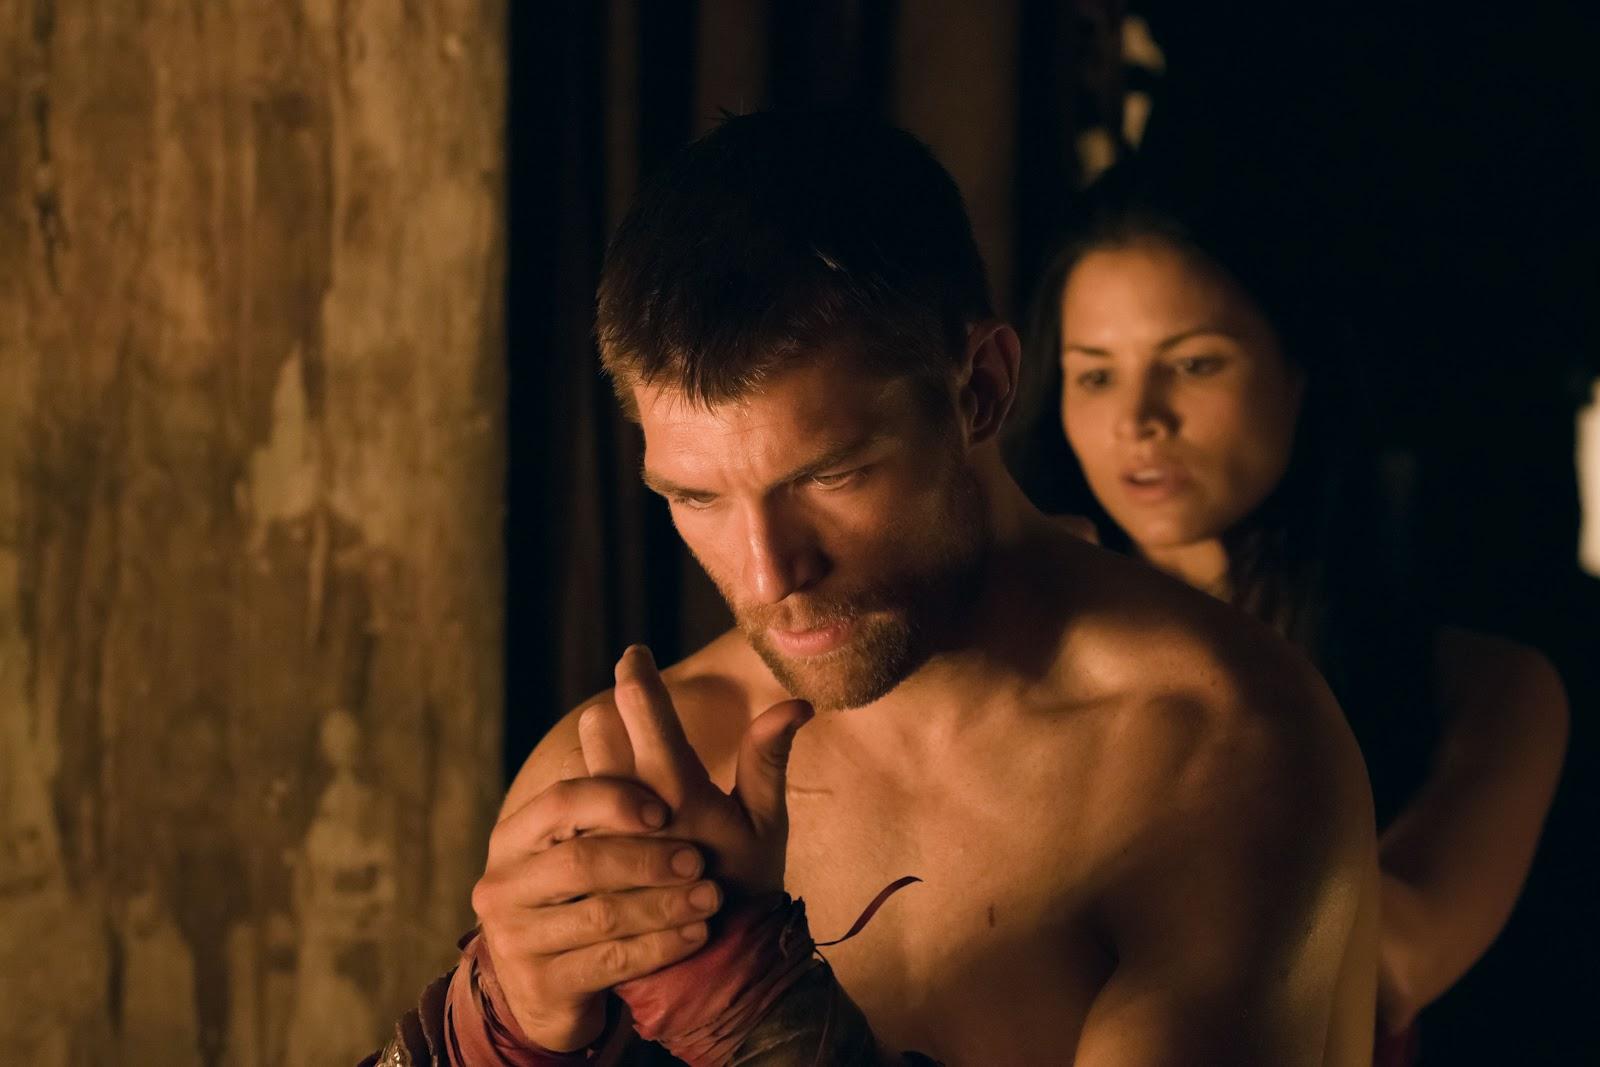 spartacus meleg szex jelenetek